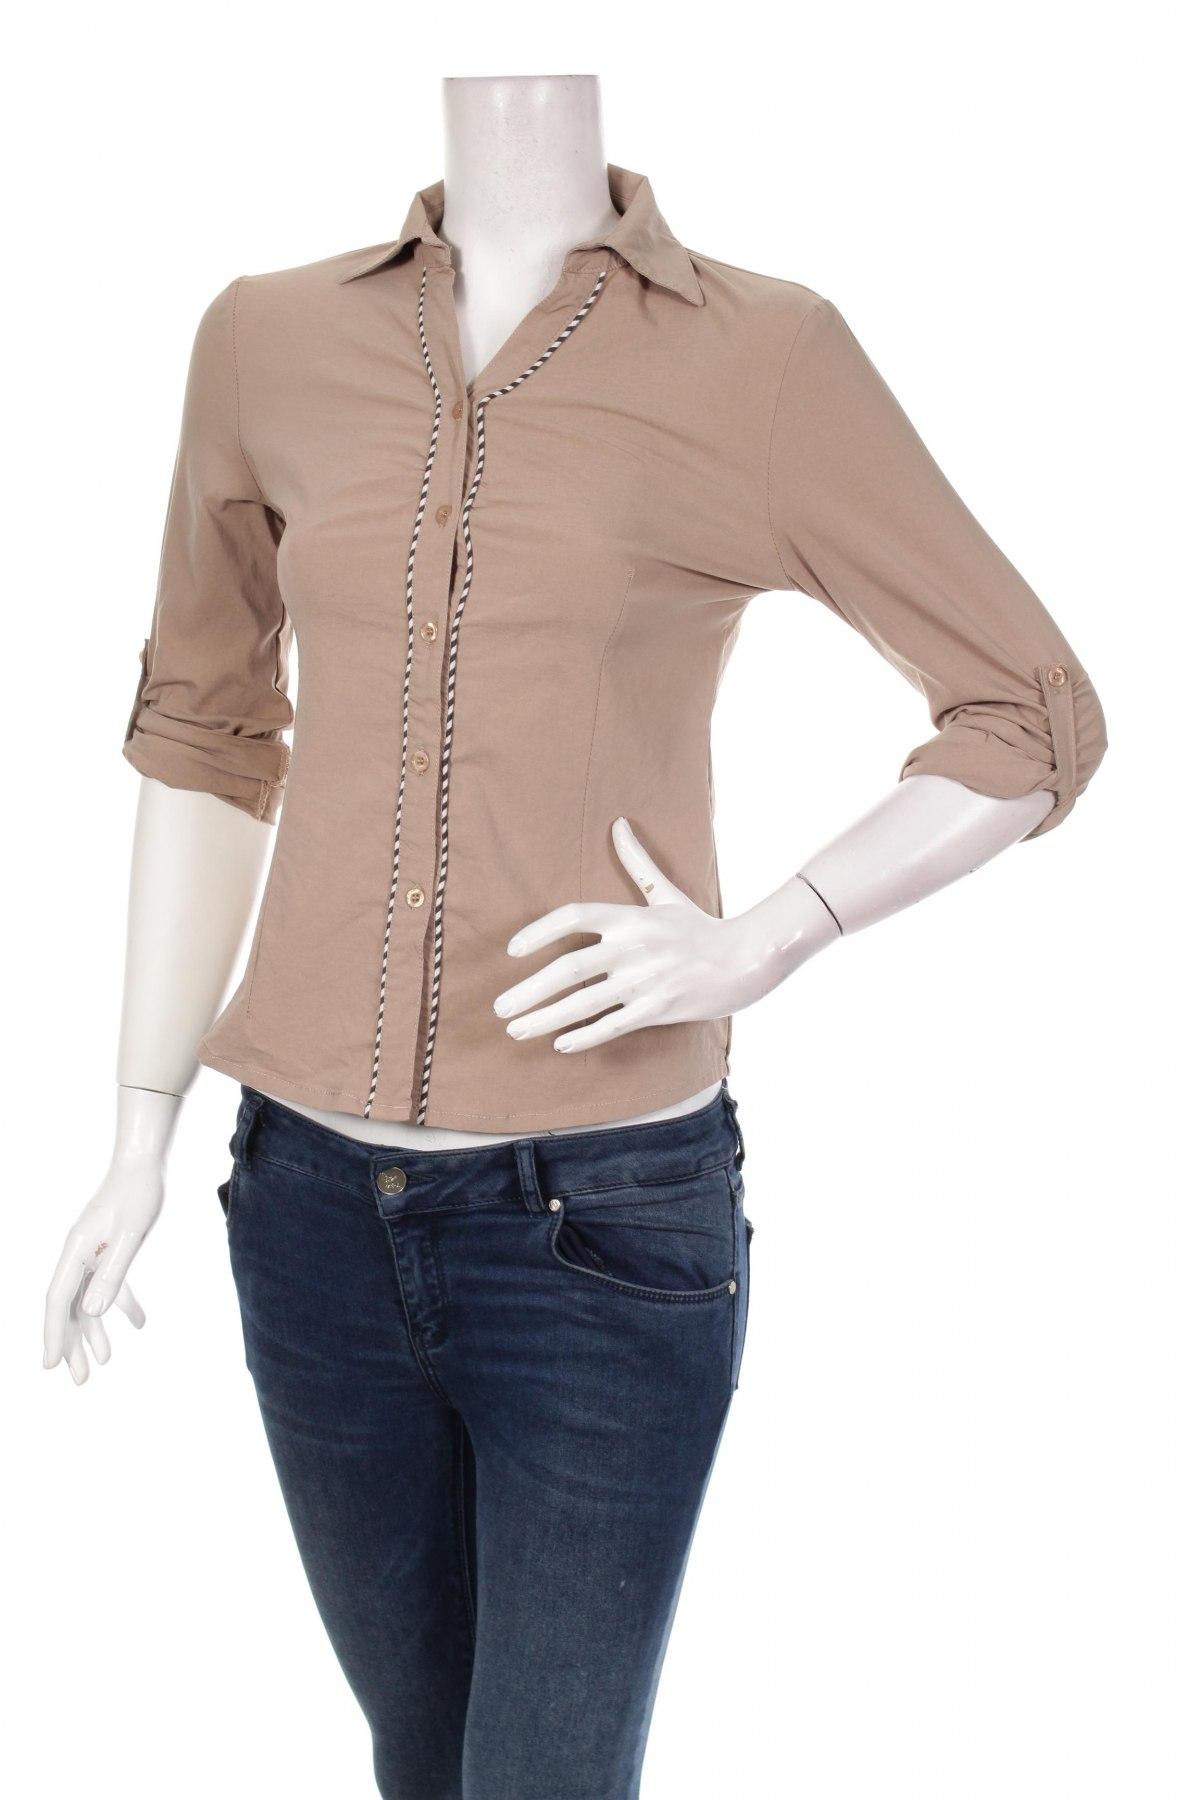 Γυναικείο πουκάμισο Flora, Μέγεθος S, Χρώμα  Μπέζ, 65% βαμβάκι, 27% πολυαμίδη, 8% ελαστάνη, Τιμή 17,53€